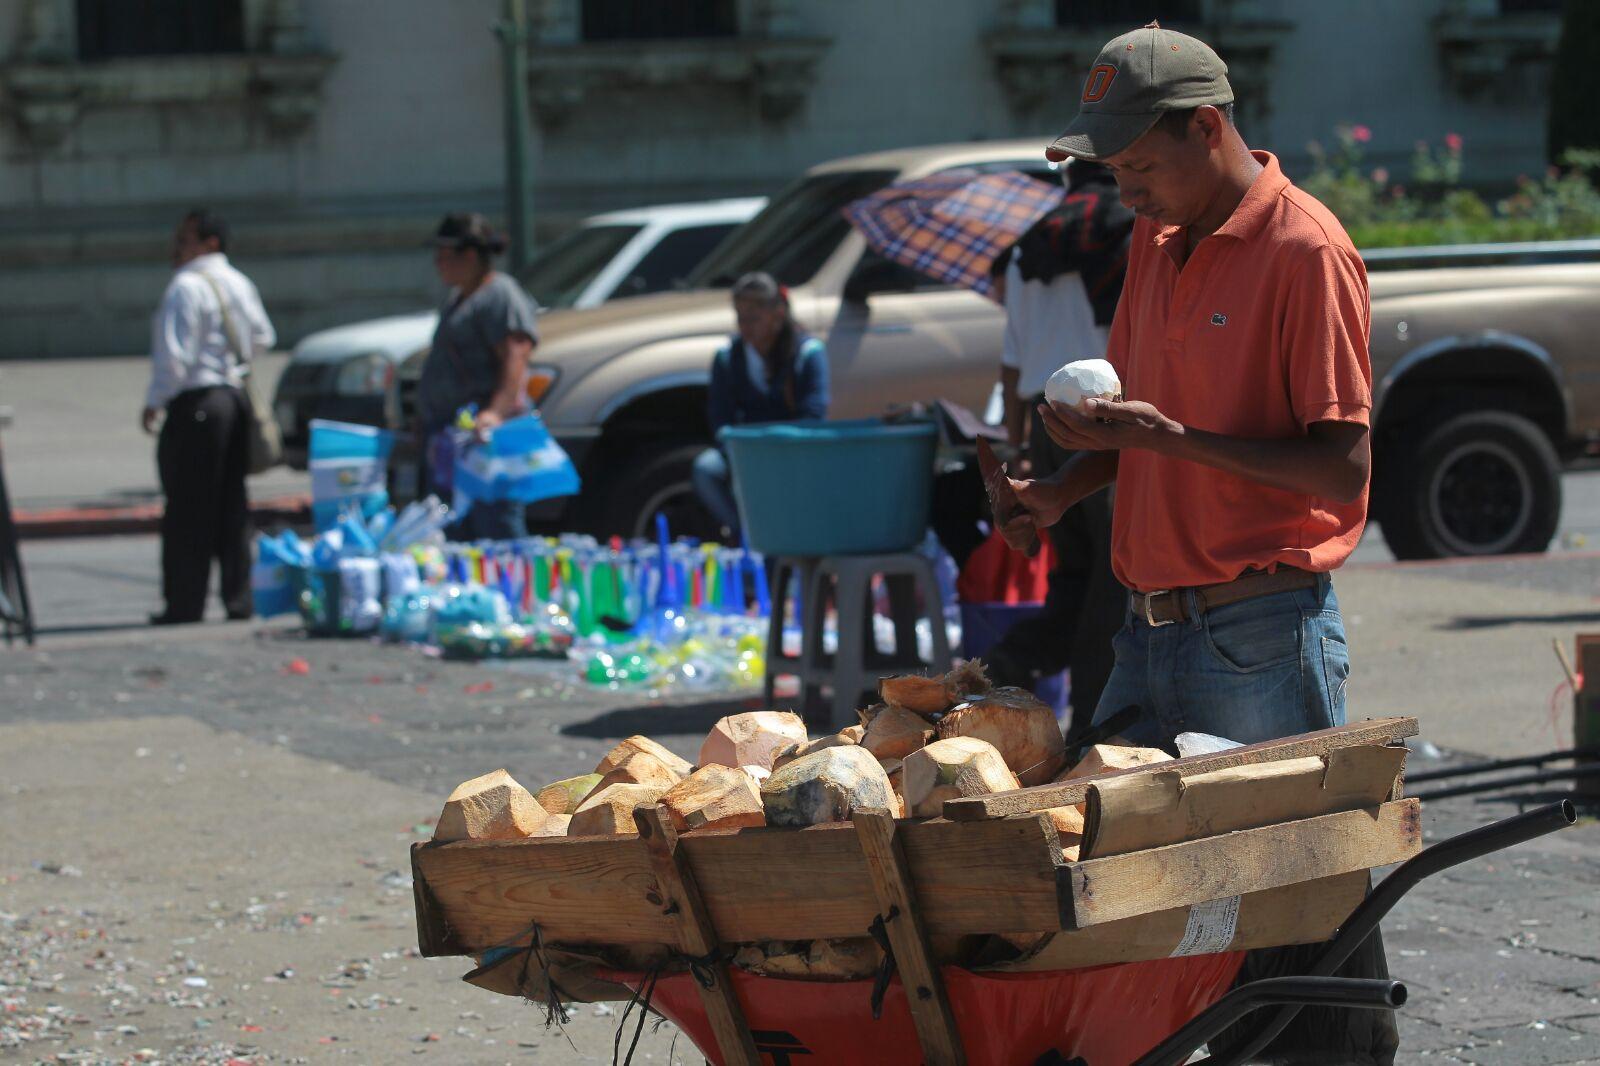 Siete de cada 10 personas se emplean en la informalidad, según la Enei 2018. (Foto Prensa Libre: Hemeroteca)